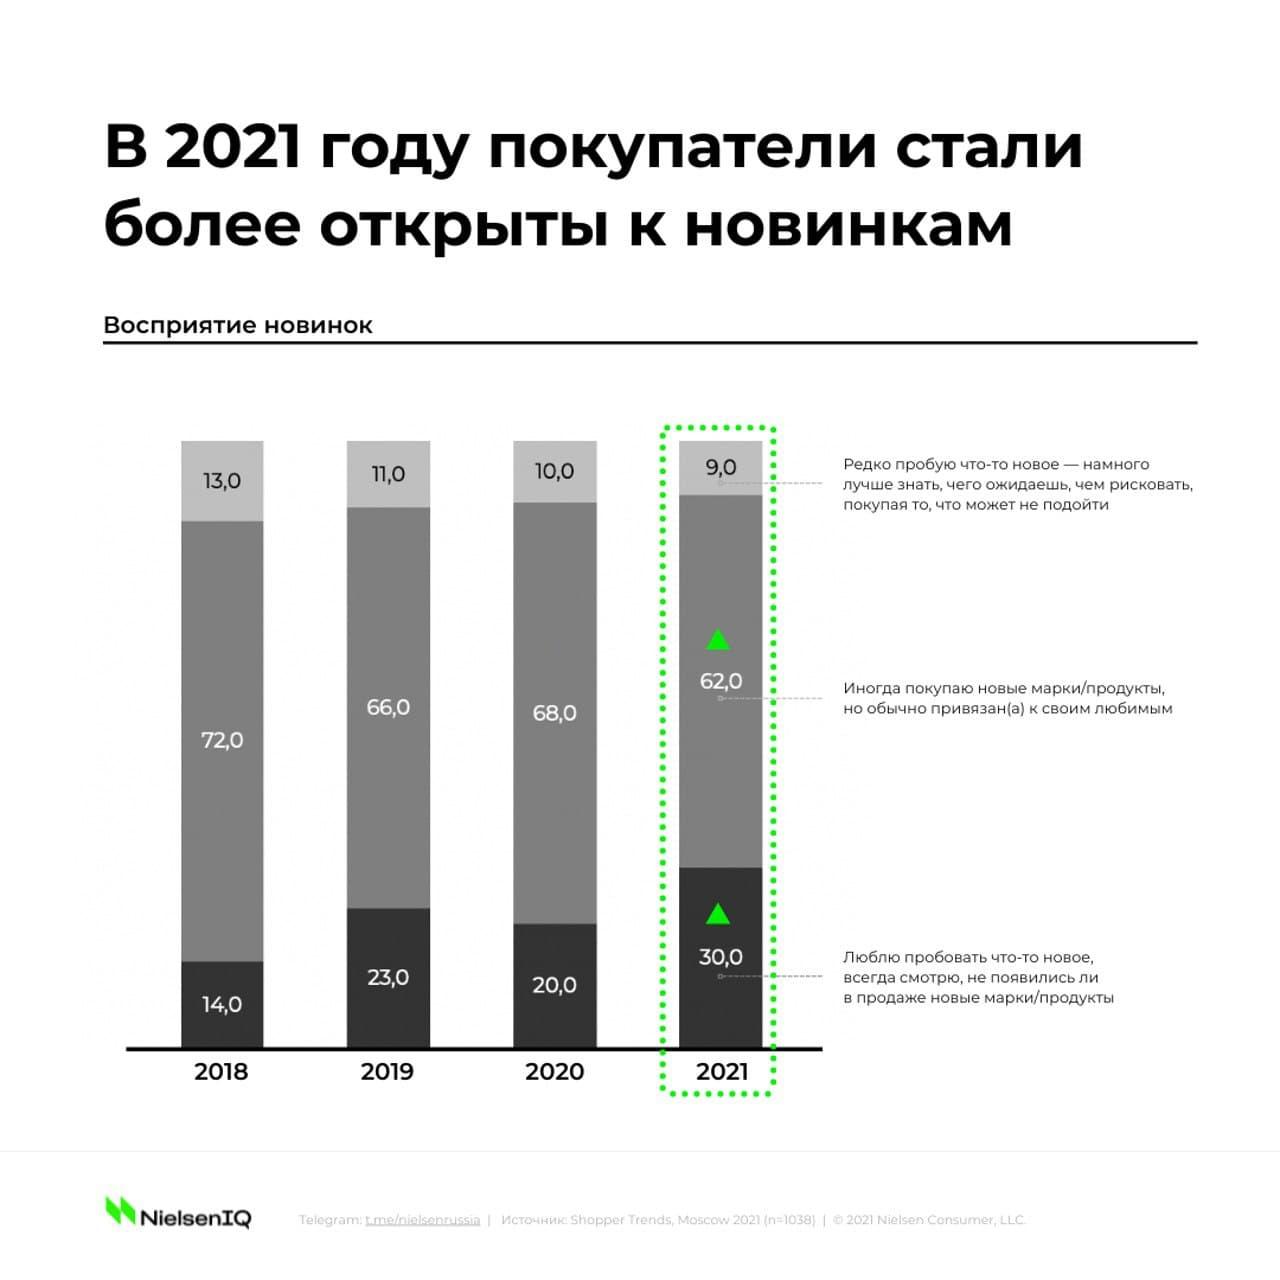 NielsenIQ: в 2021 году покупатели стали более открыты к новинкам